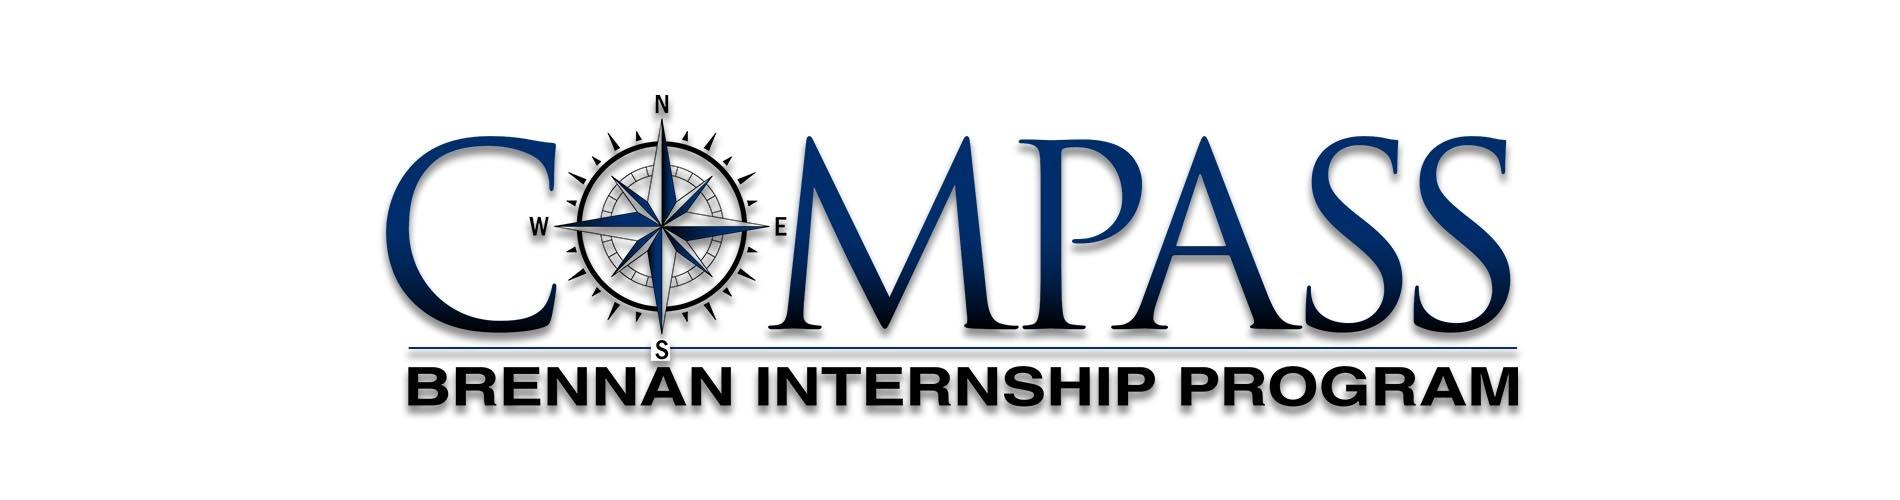 brennan compass program, internship opportunities